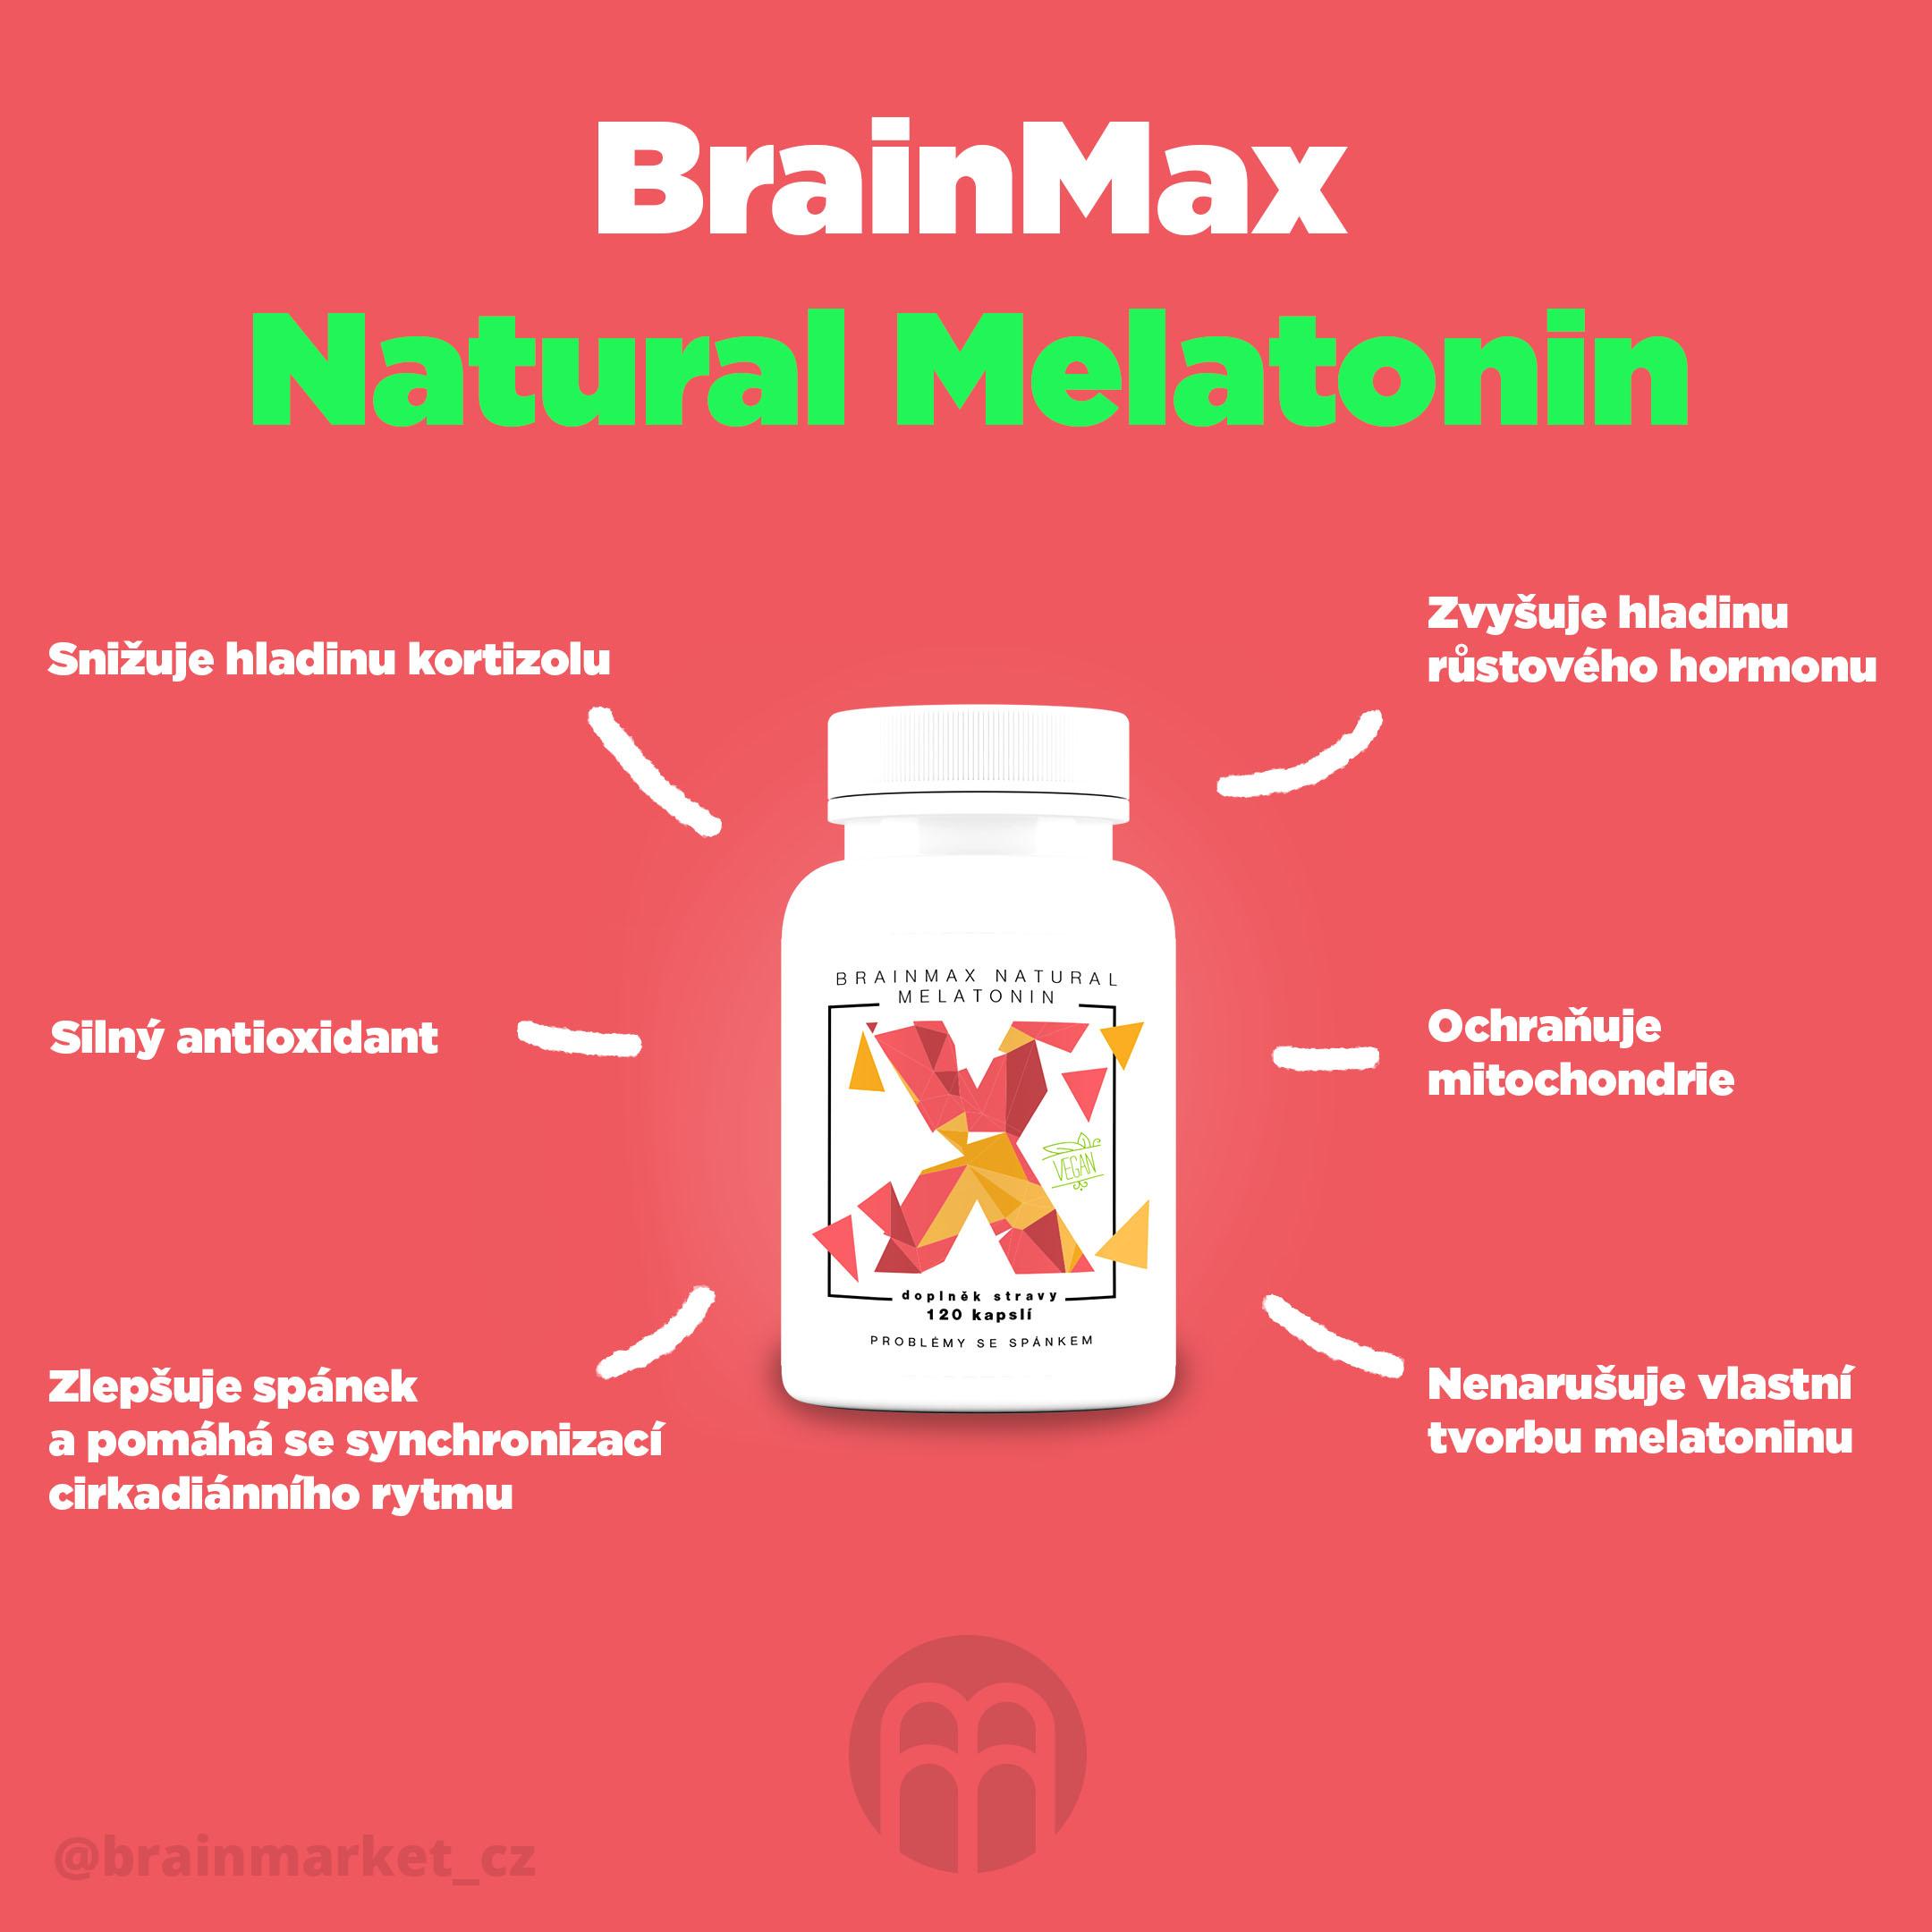 brainmax_natural_melatonin